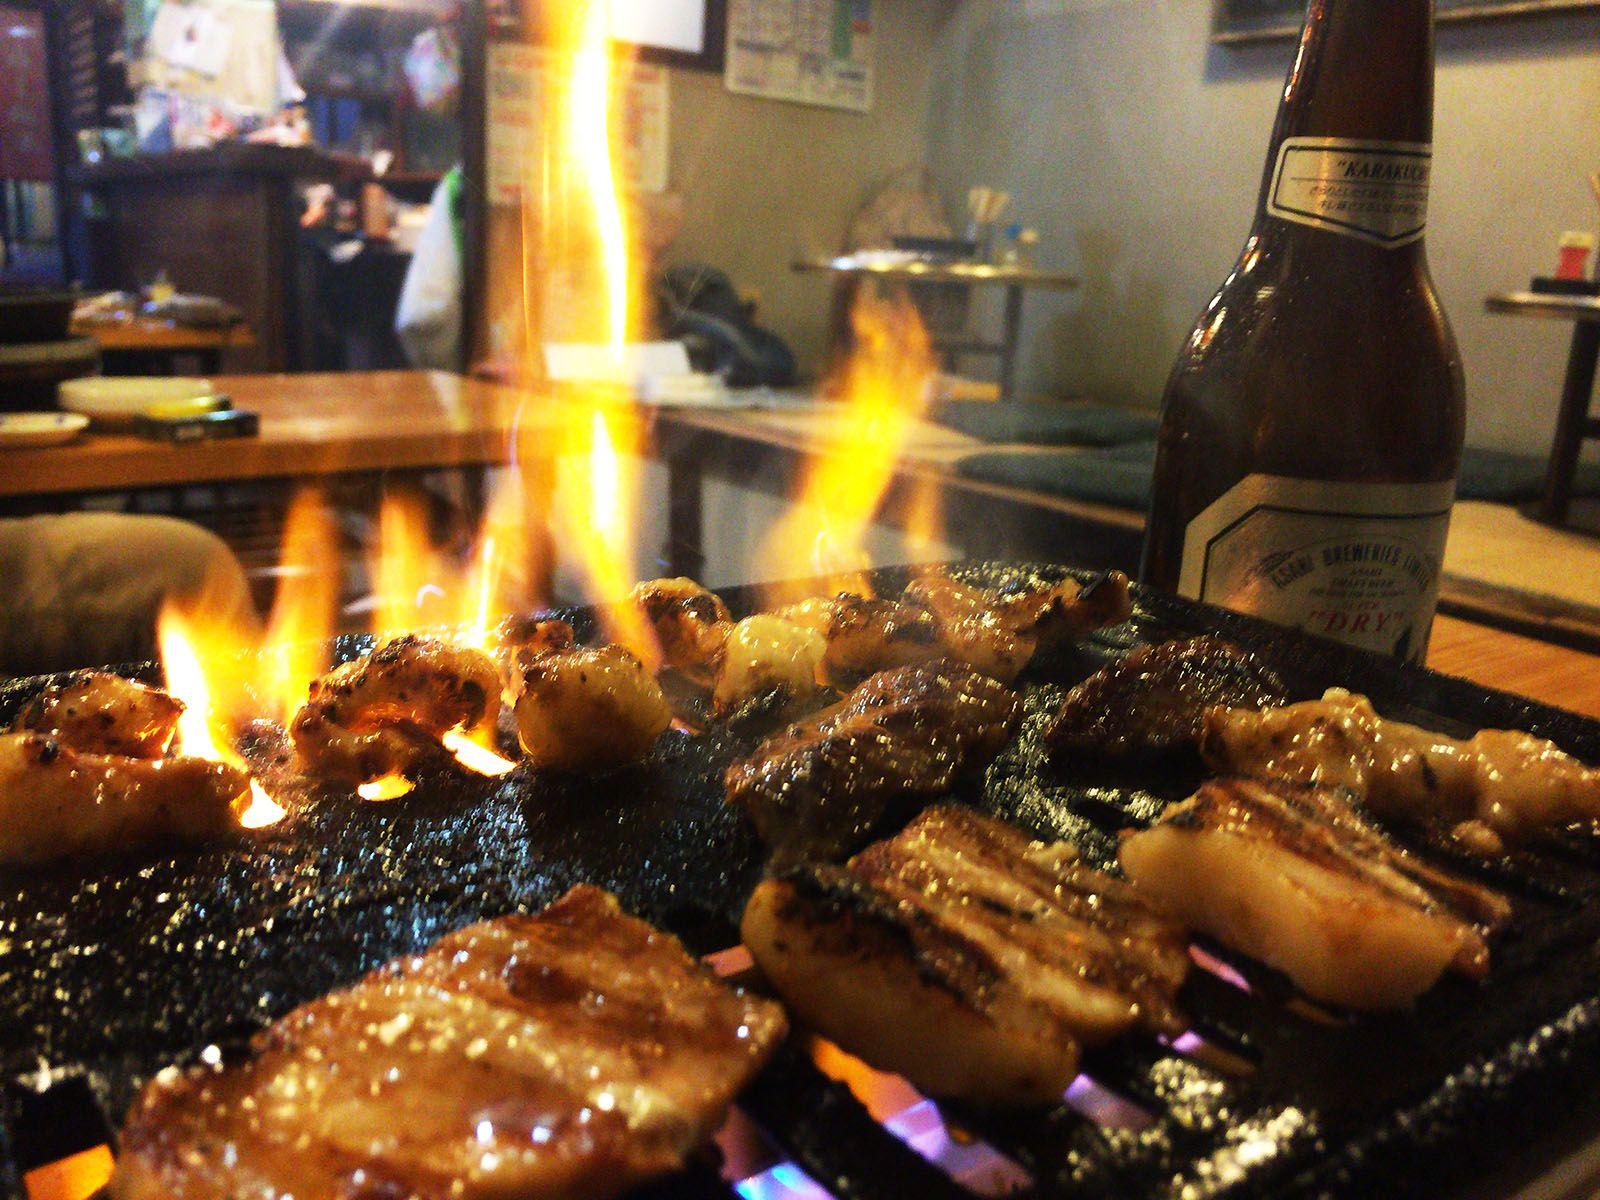 そもそも存在が知られていない焼肉屋の焼肉定食と極上カルビ 広島市